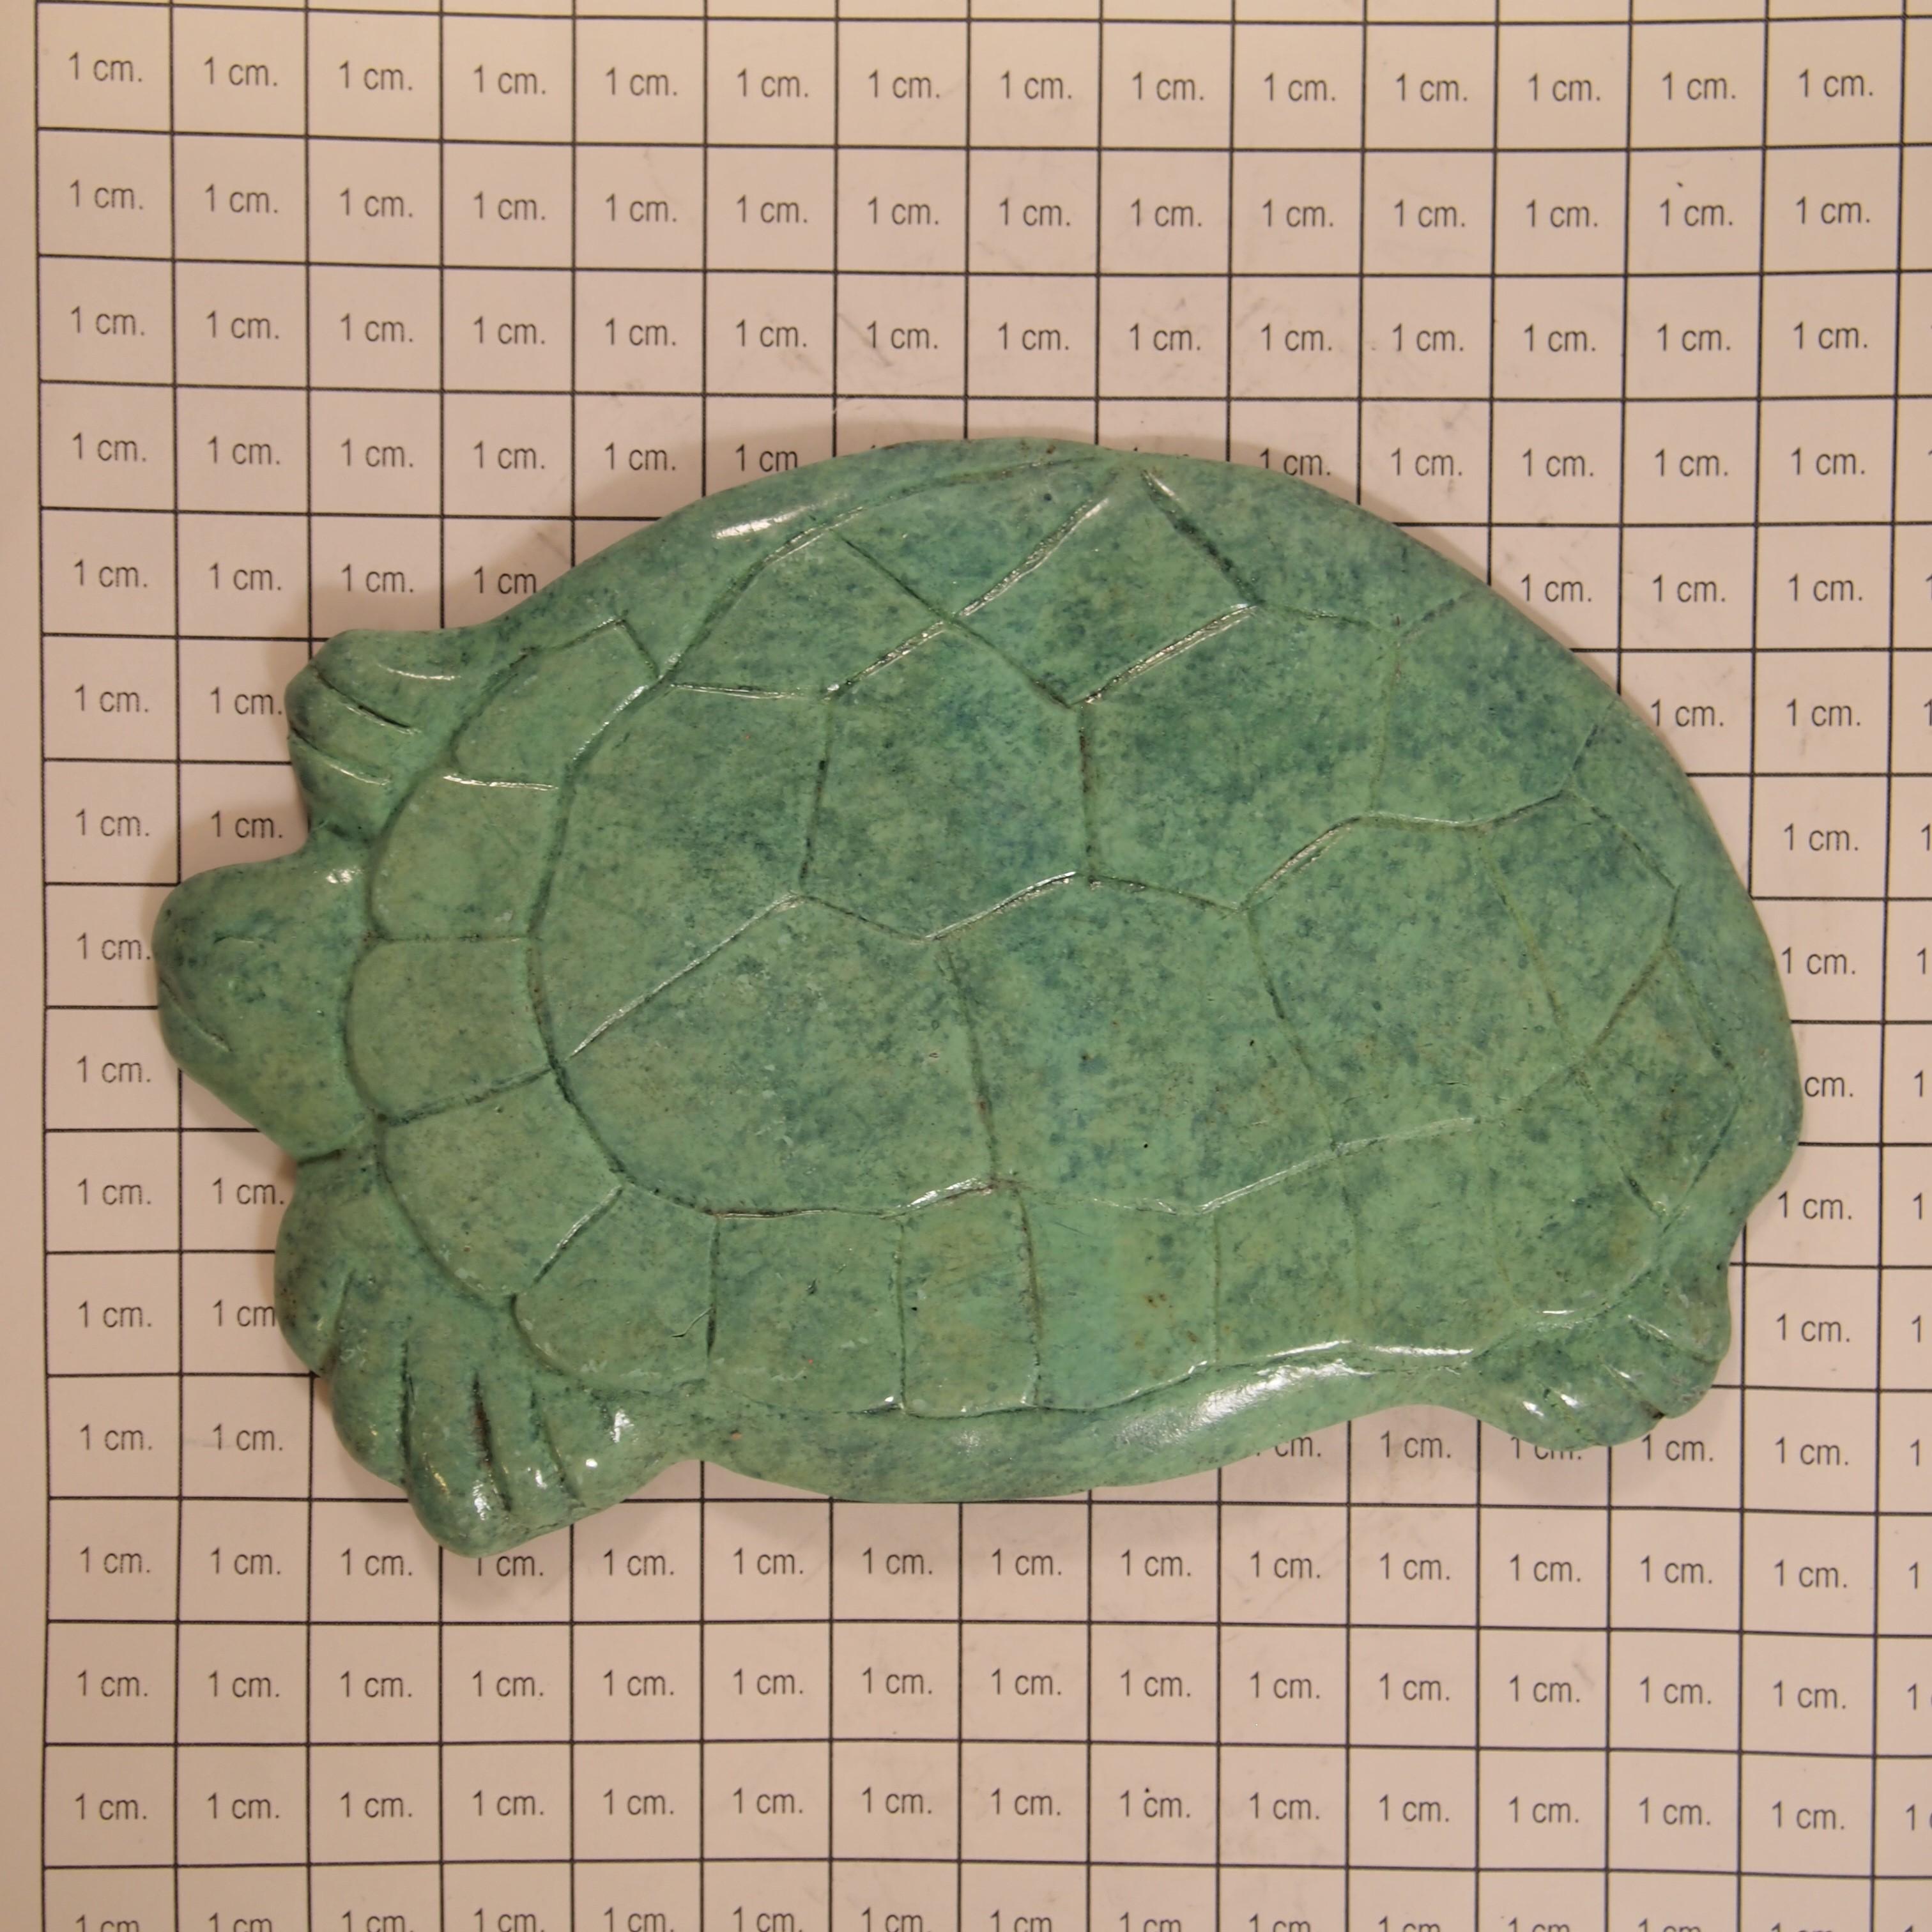 ติดพื้น/ผนัง - เต่าใหญ่ (เขียว)